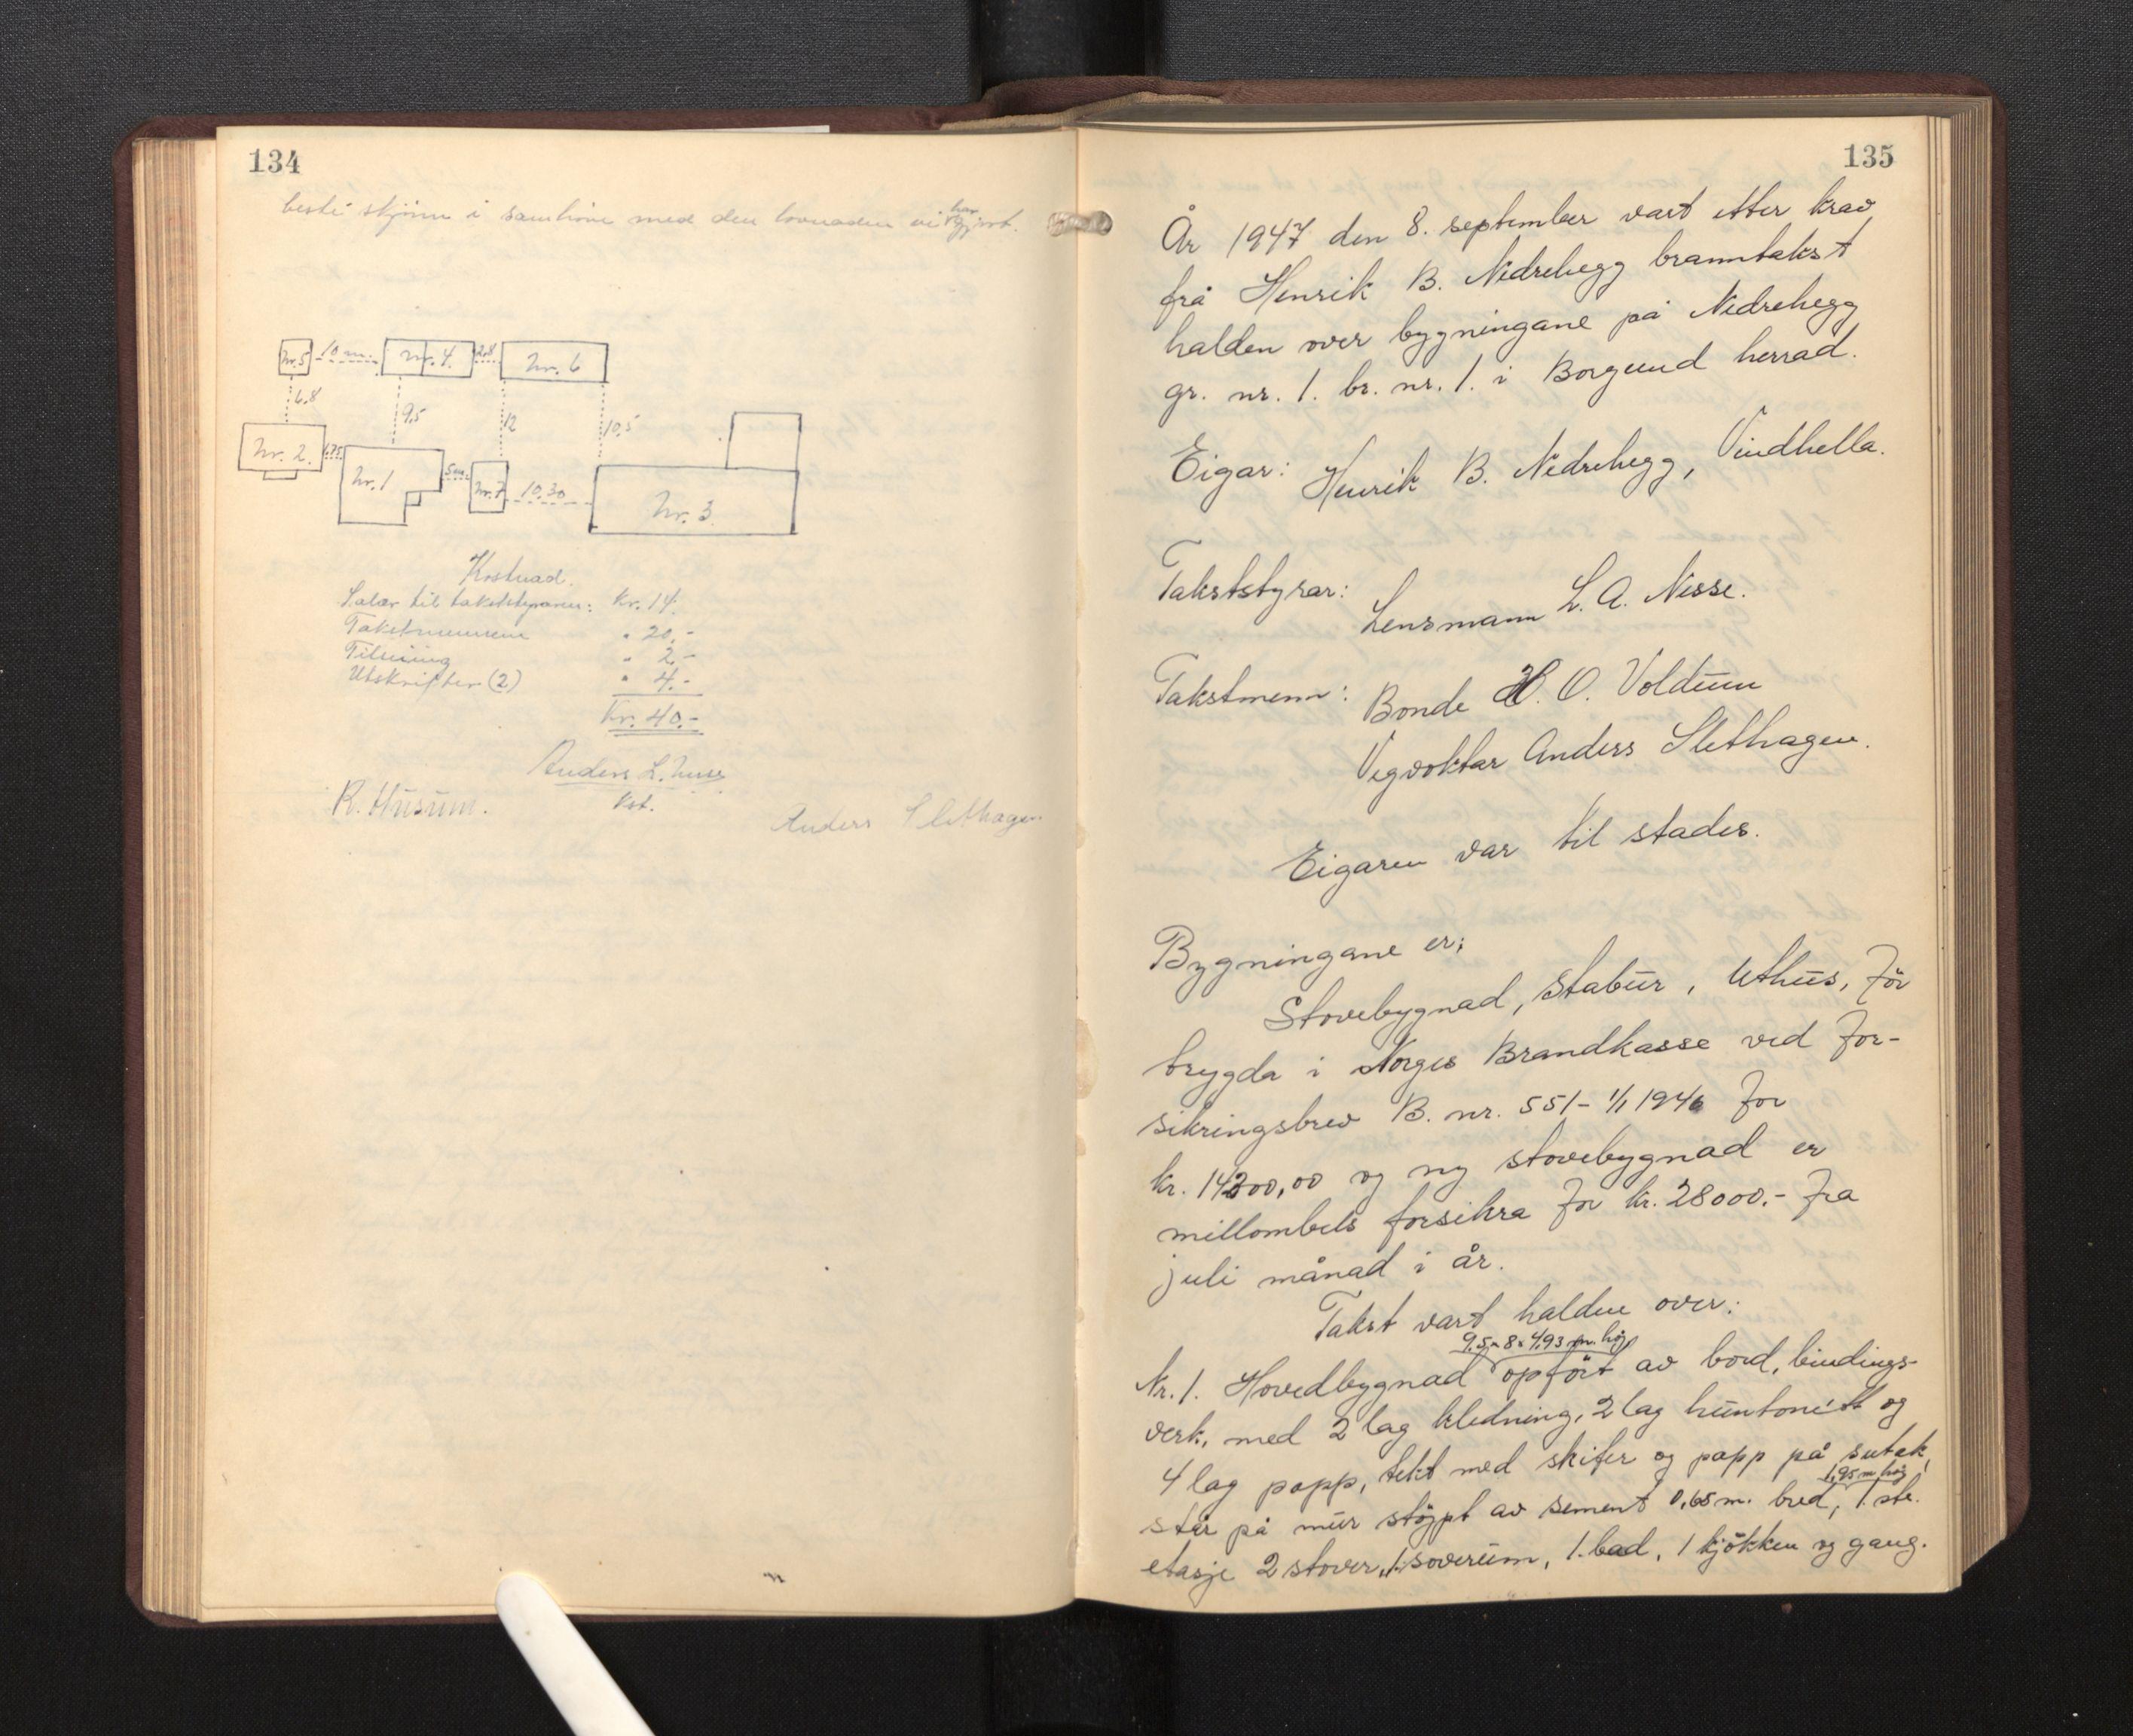 SAB, Lensmannen i Borgund, 0012/L0002: Branntakstprotokoll, 1929-1933, s. 134-135